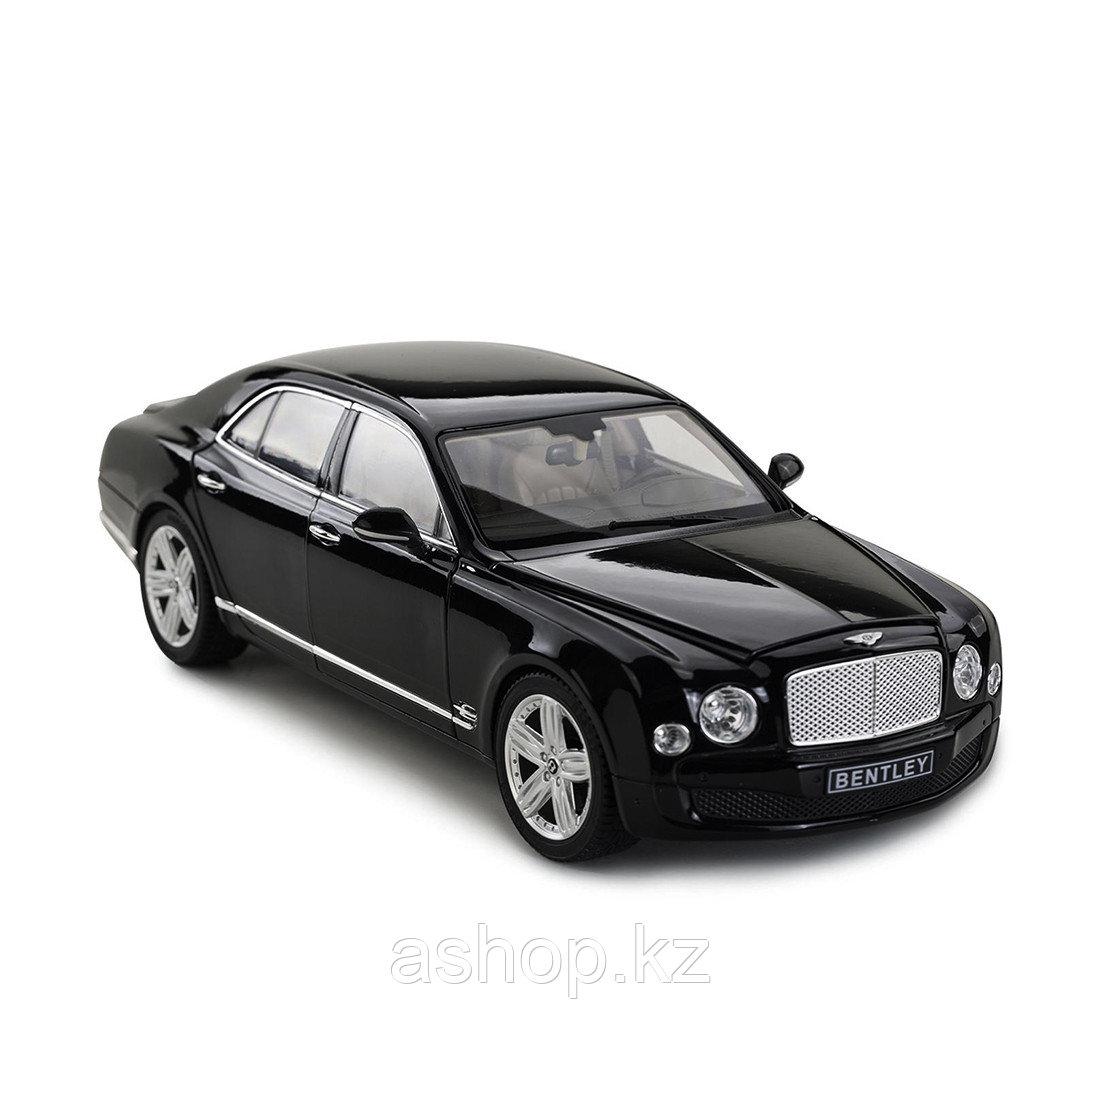 Модель автомобиля коллекционная Rastar Bentley Mulsanne, 1:18, Материал: Металл, Цвет: Чёрный, (43800B)